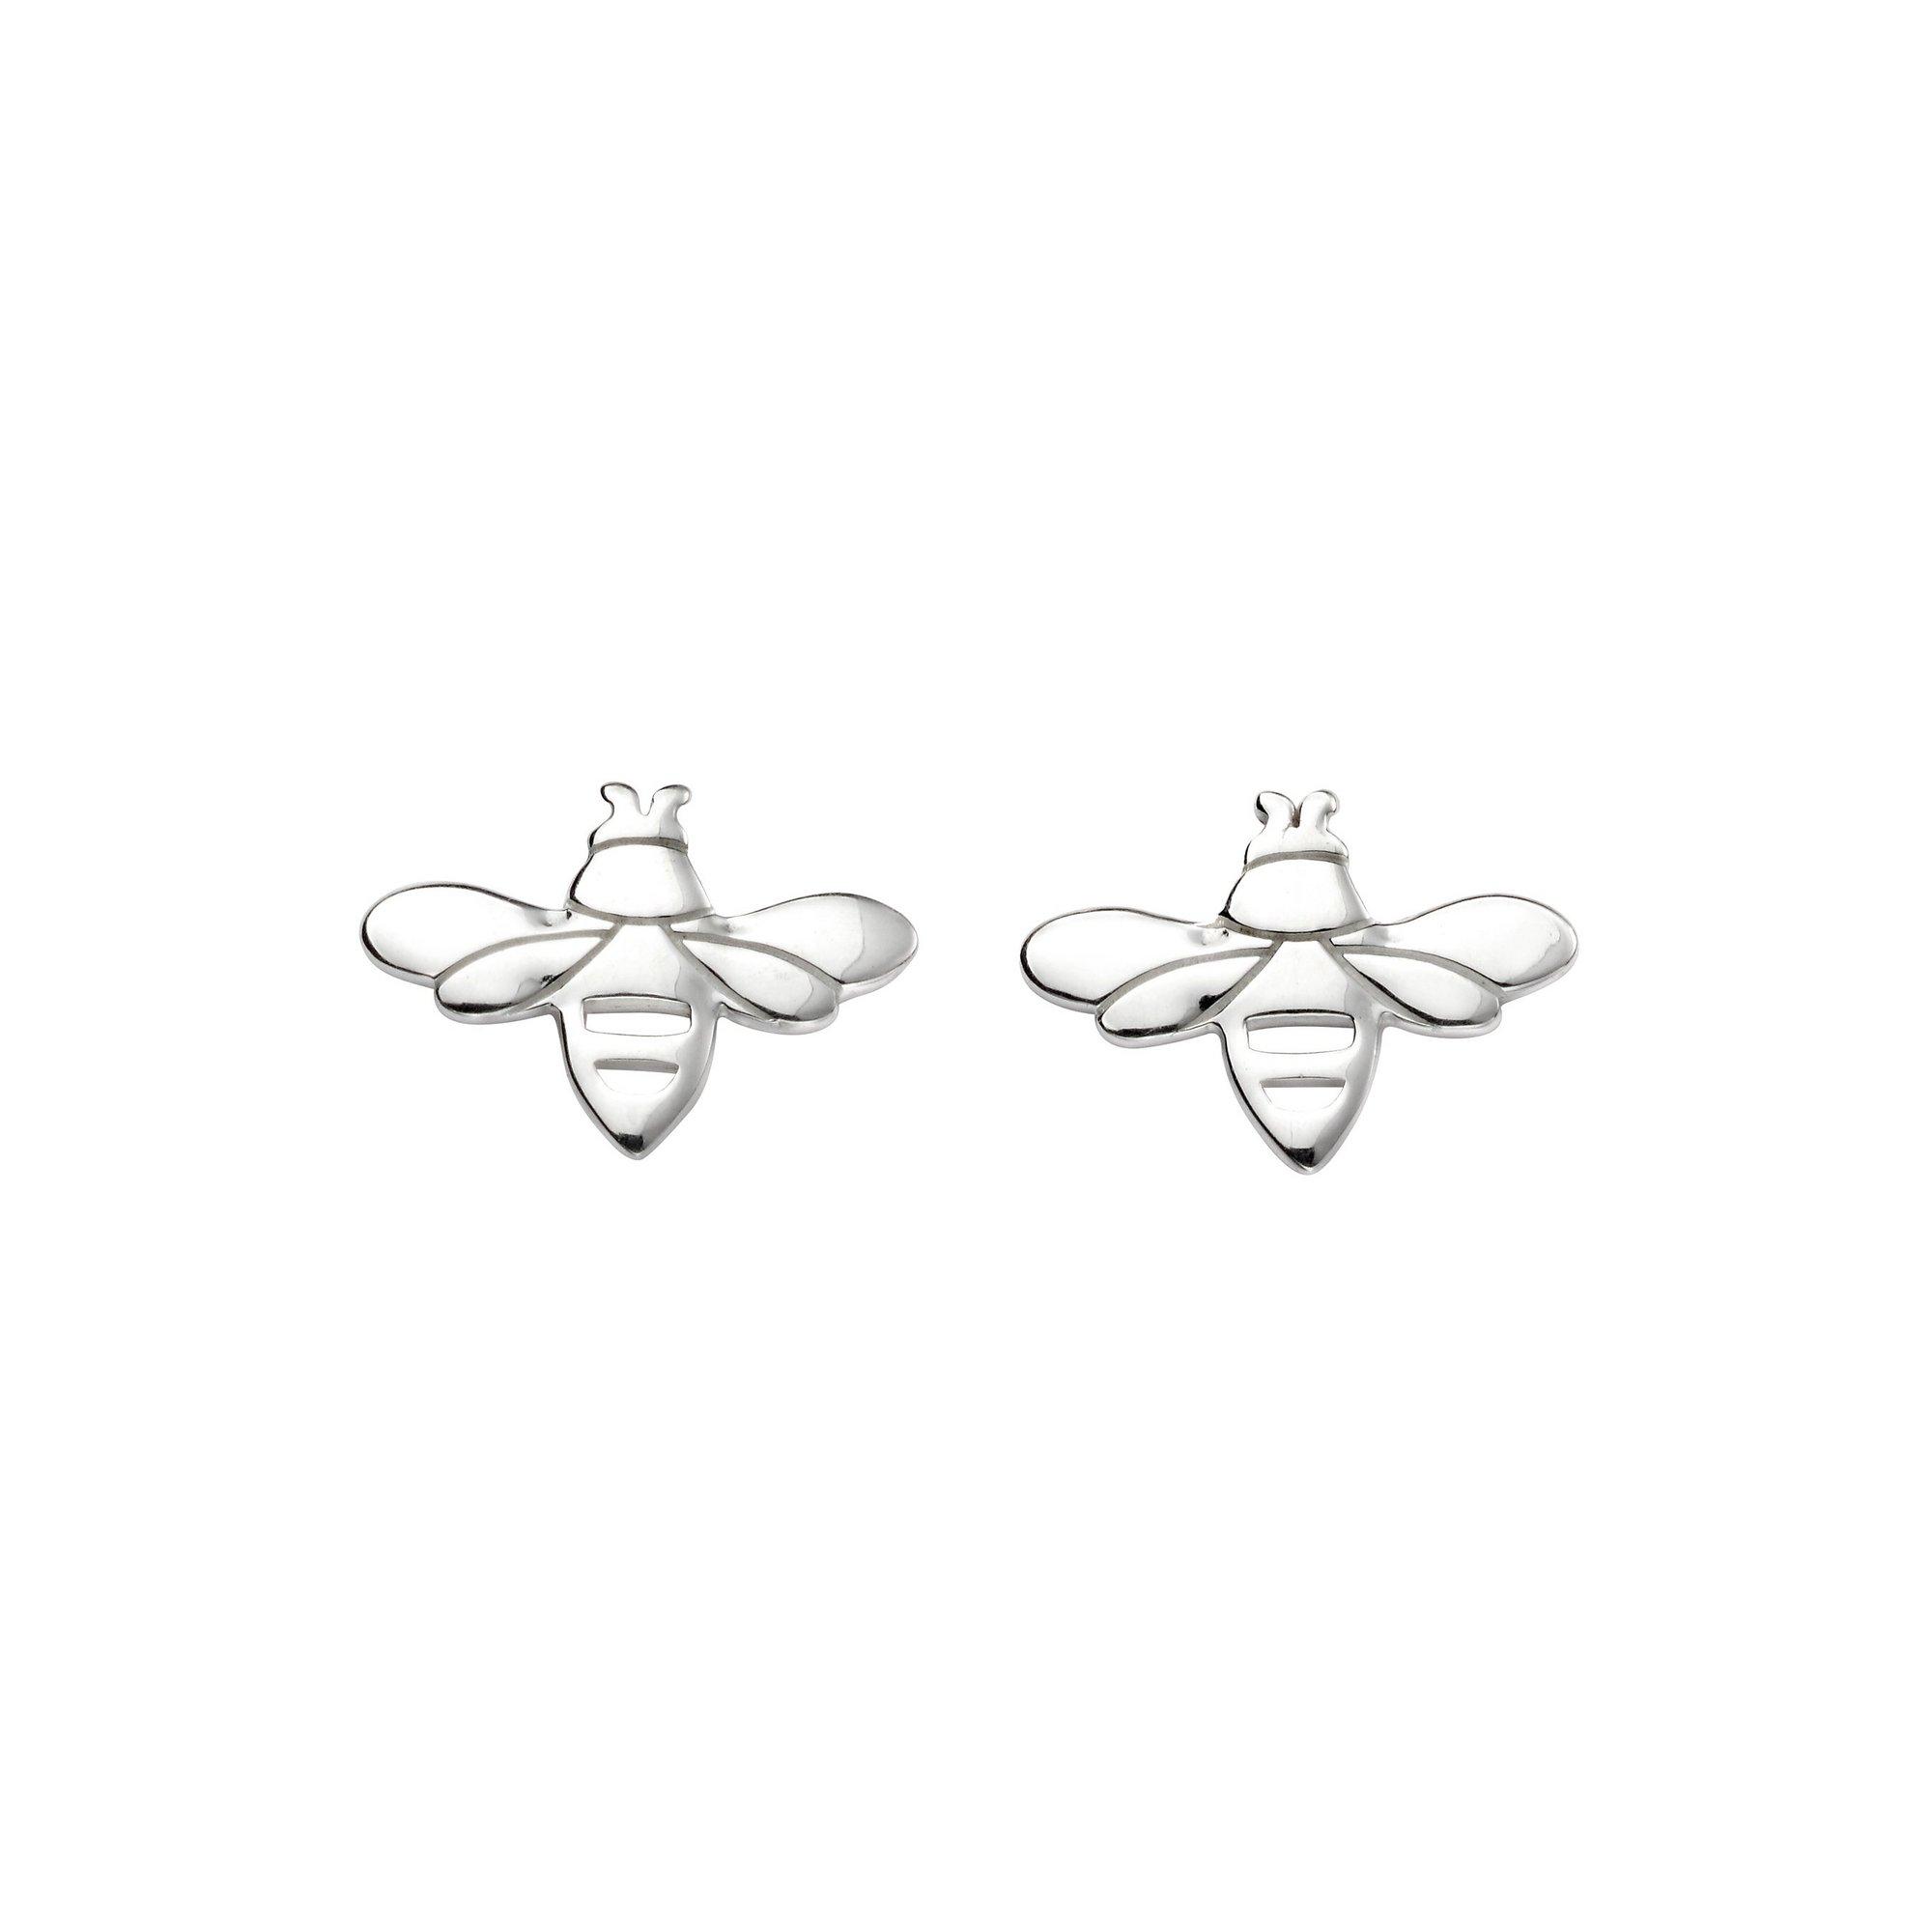 Image of Beginnings Bee Stud Earrings